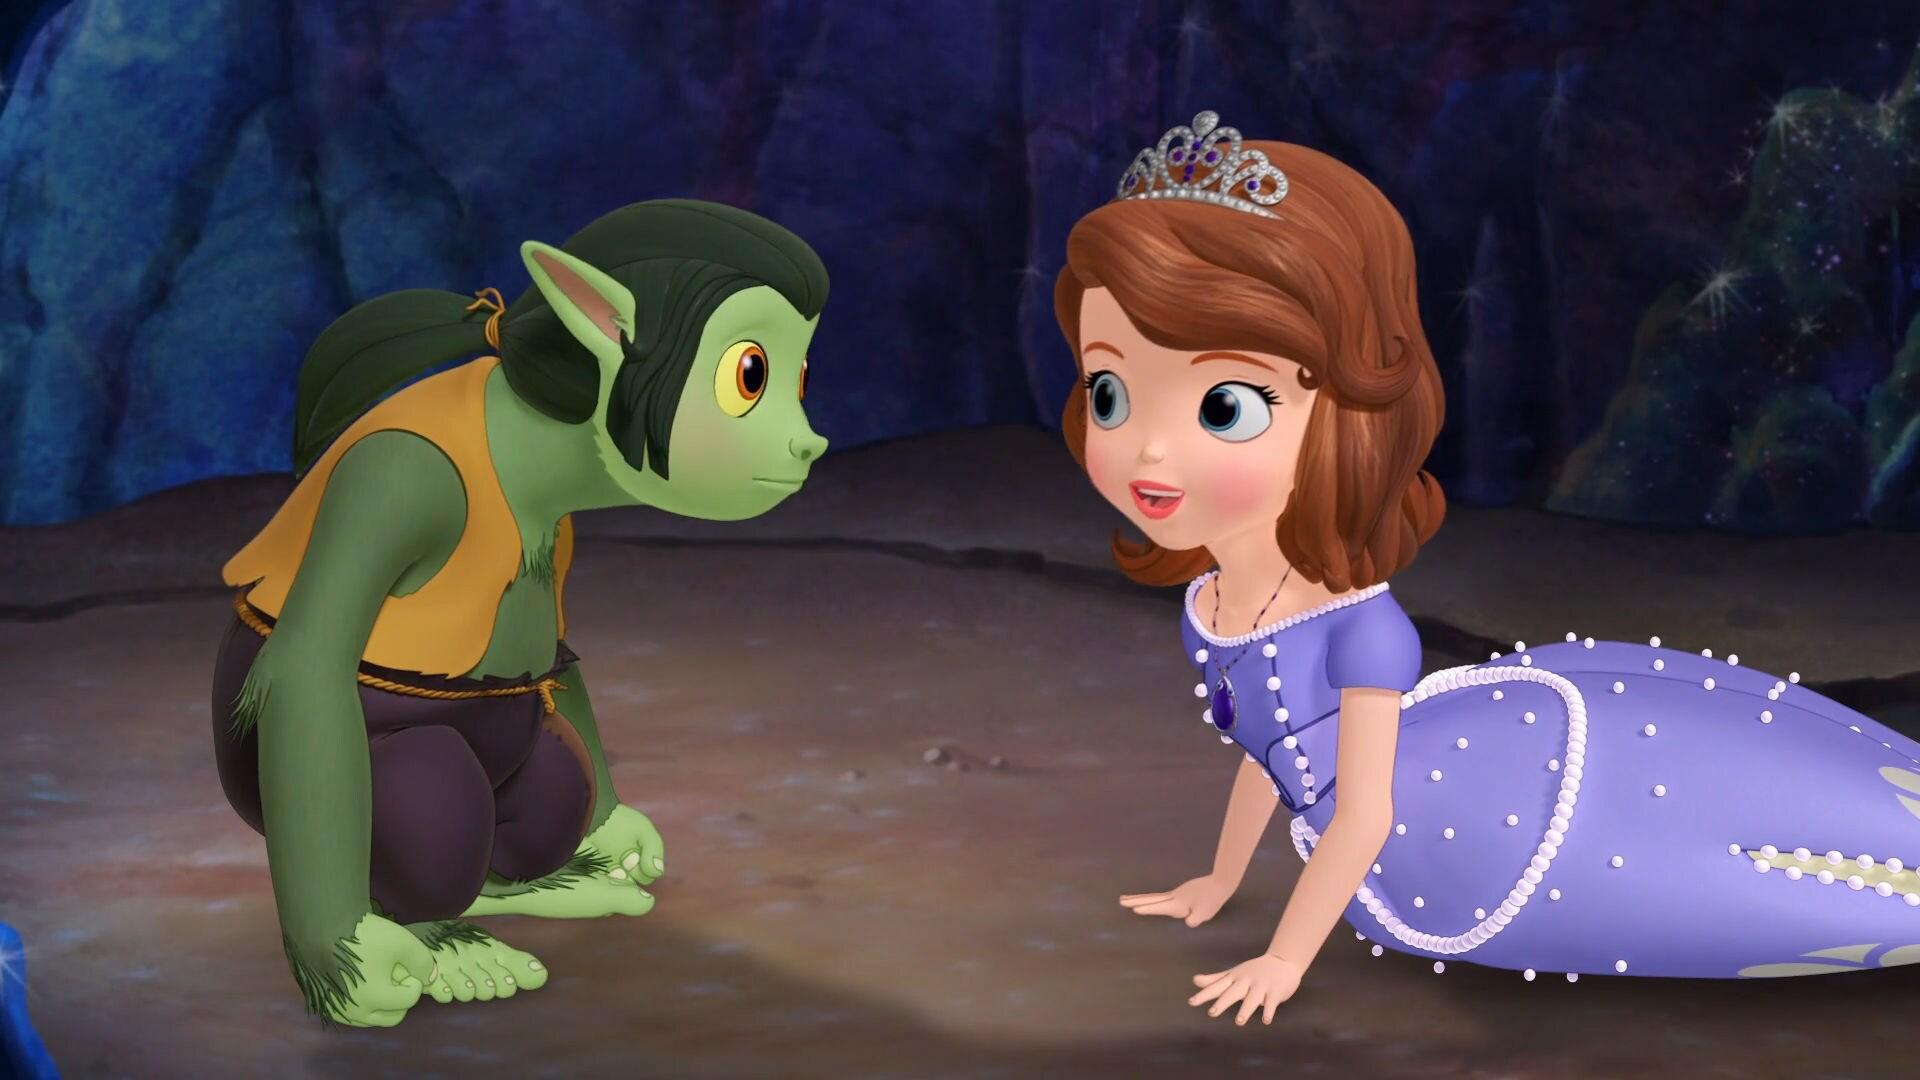 Princesse Sofia - Les bonnes manières de Princesse #6